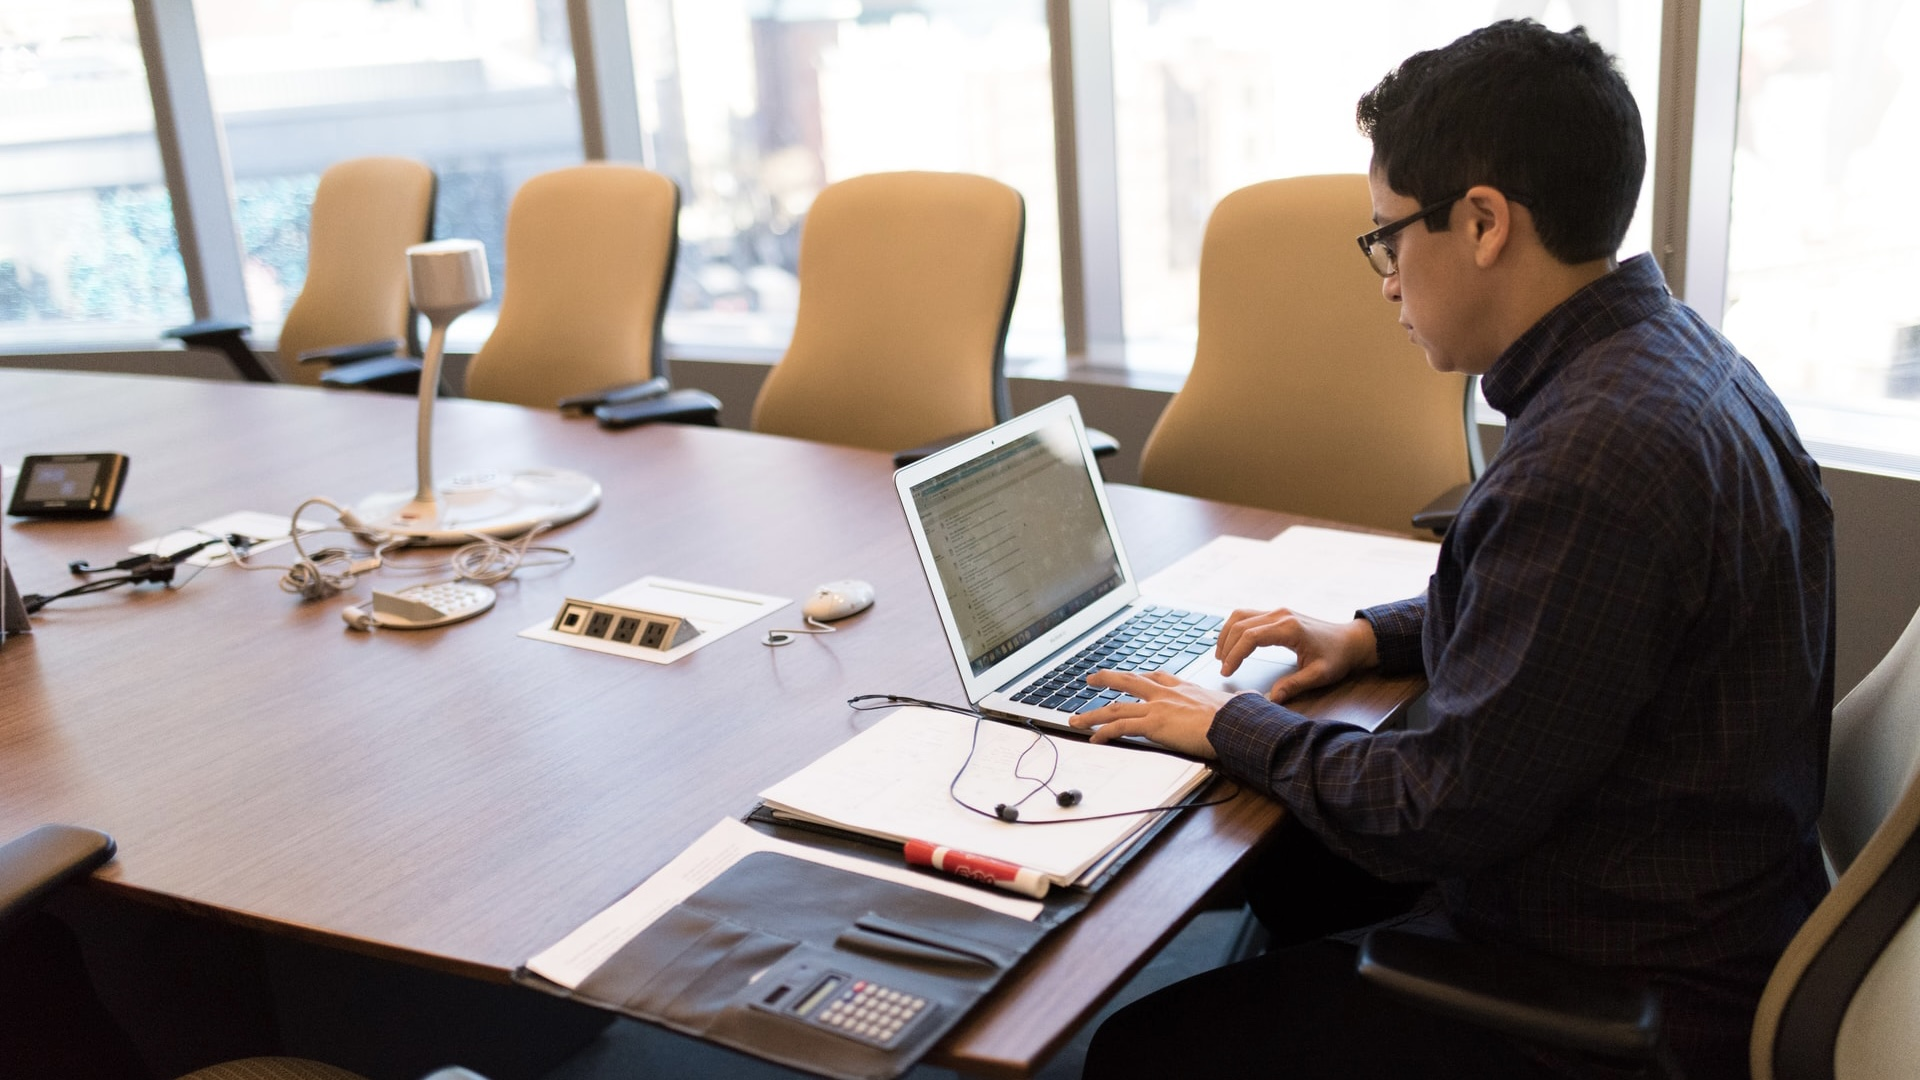 パソコン作業中の男性